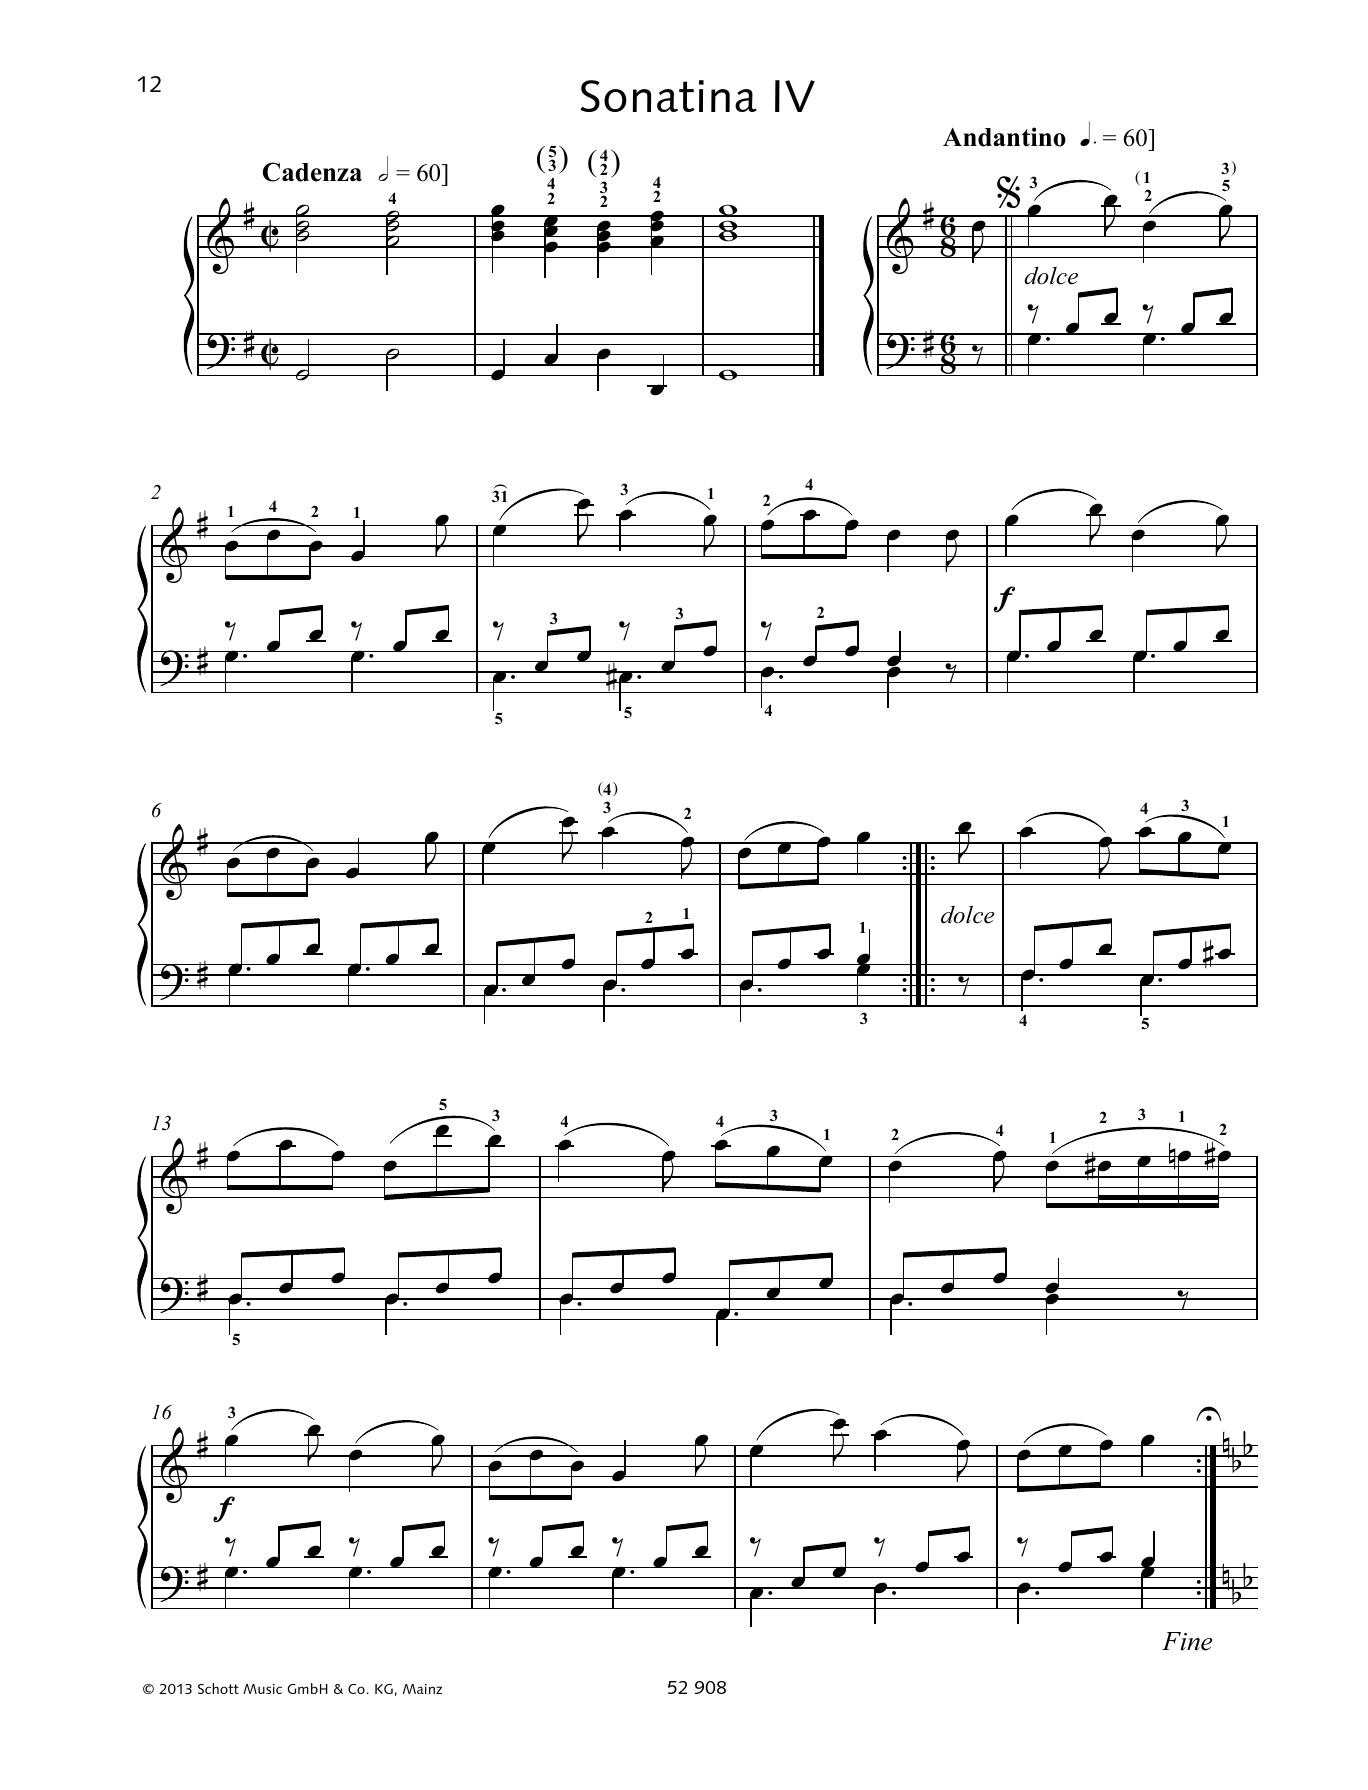 Sonatina IV